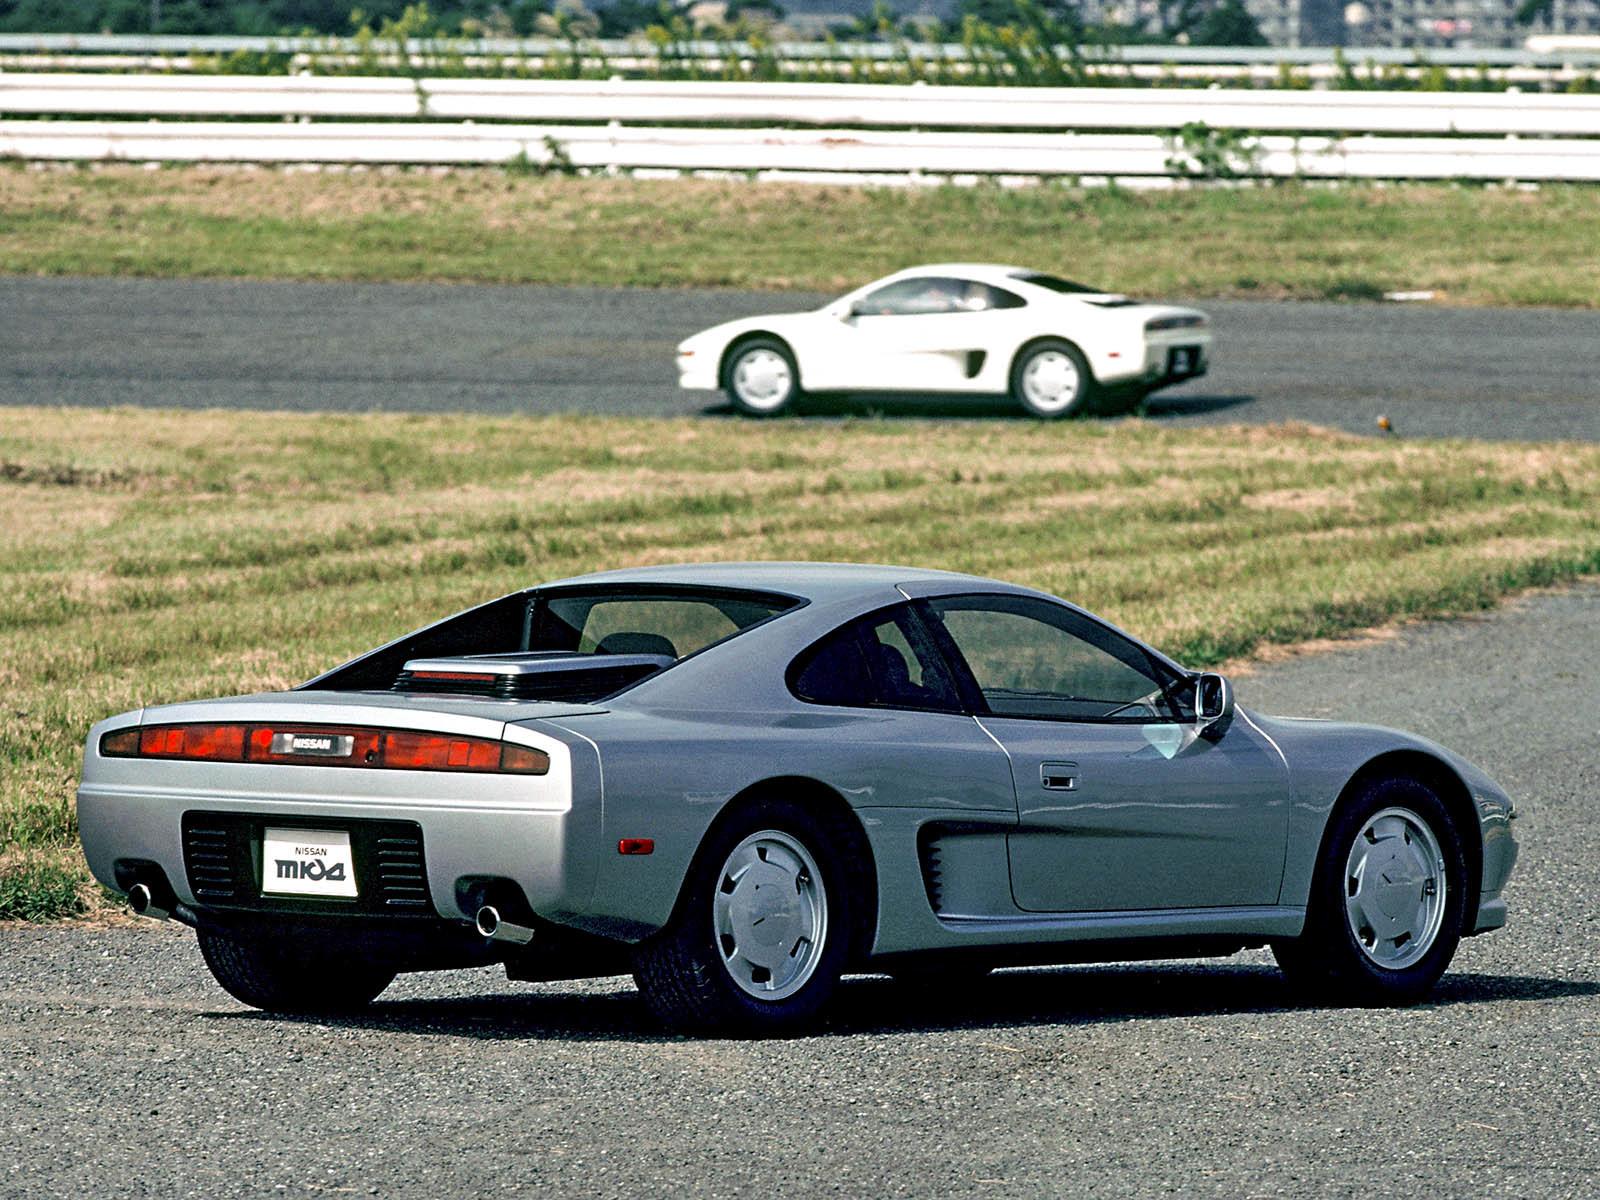 Foto de Nissan MID-4 II 1987 (10/20)